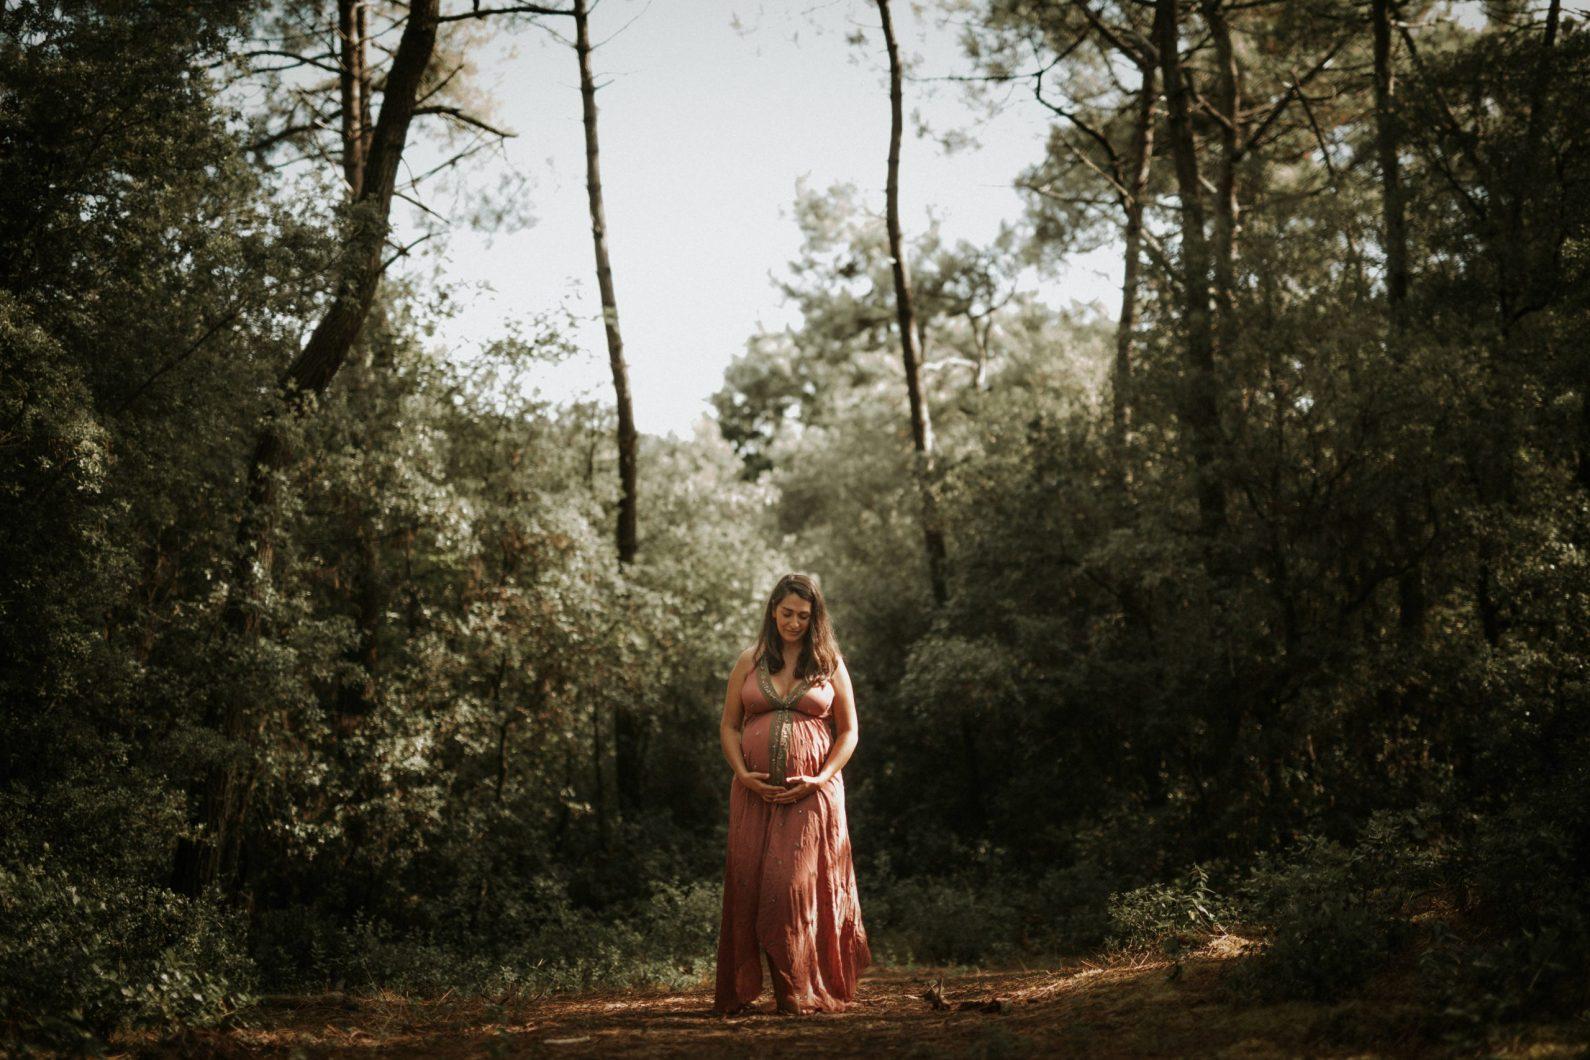 En t'attendant bébé_Cathy Marion-29